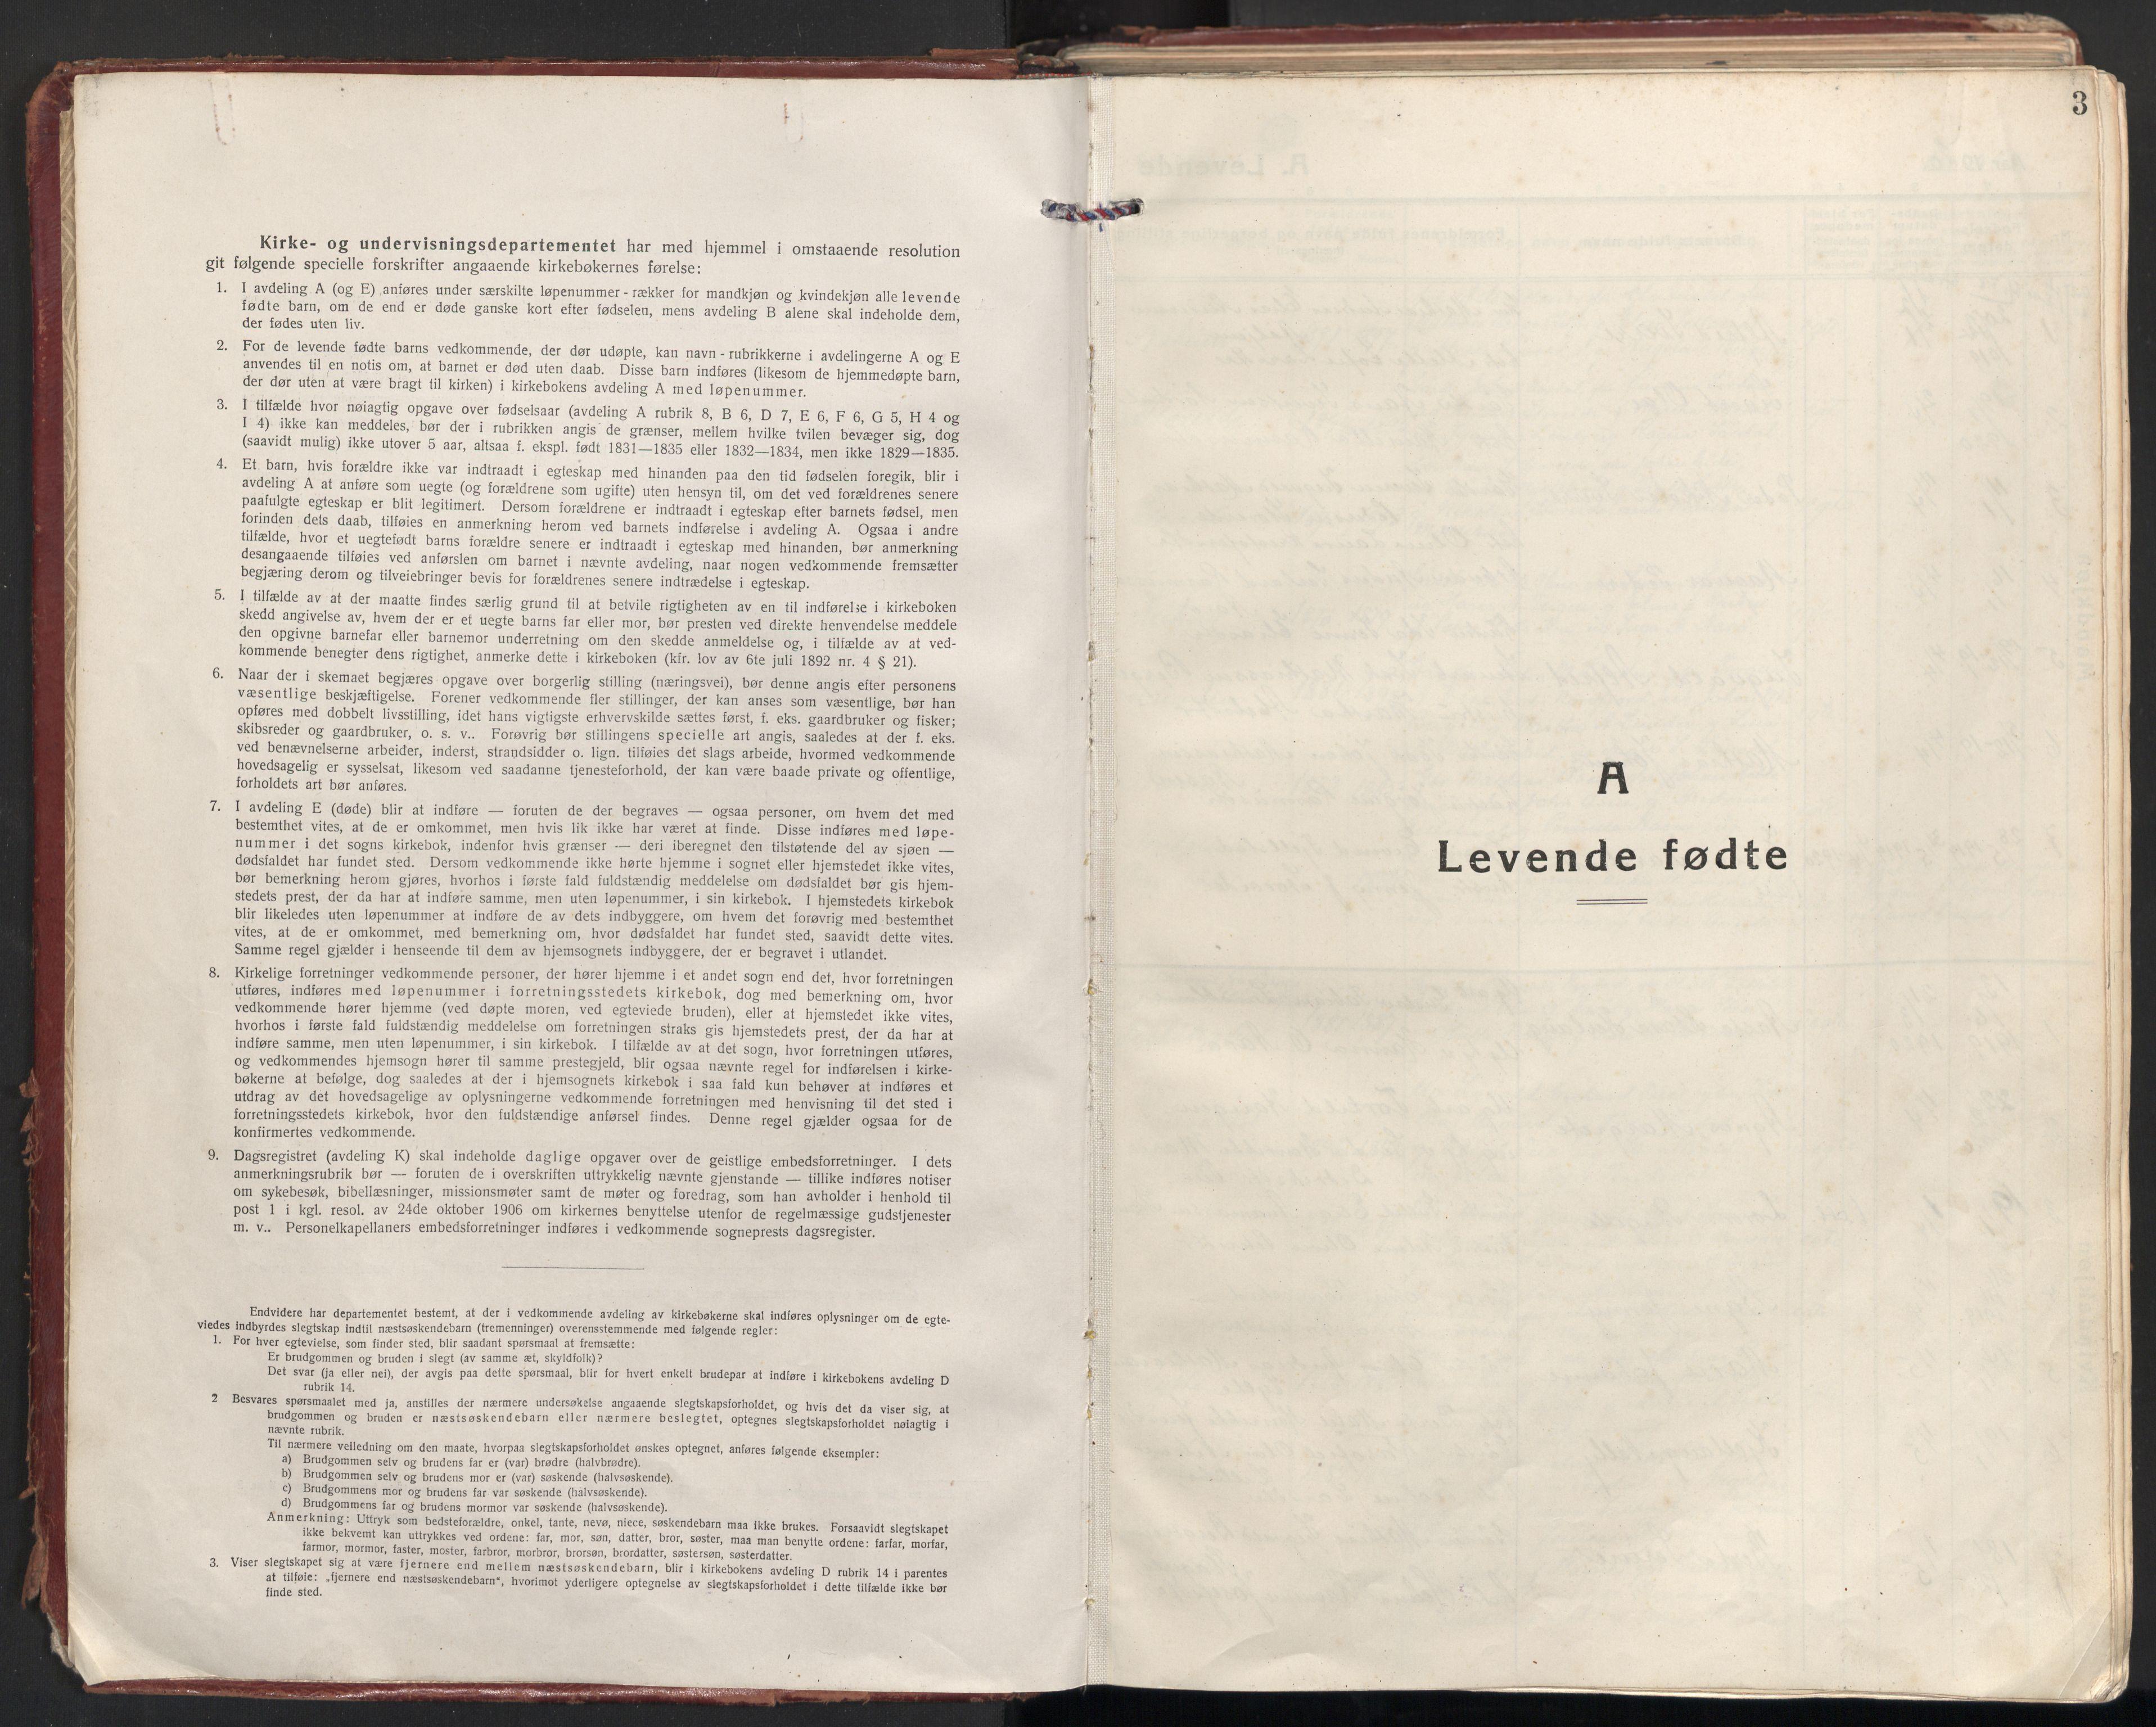 SAT, Ministerialprotokoller, klokkerbøker og fødselsregistre - Møre og Romsdal, 501/L0012: Ministerialbok nr. 501A12, 1920-1946, s. 3